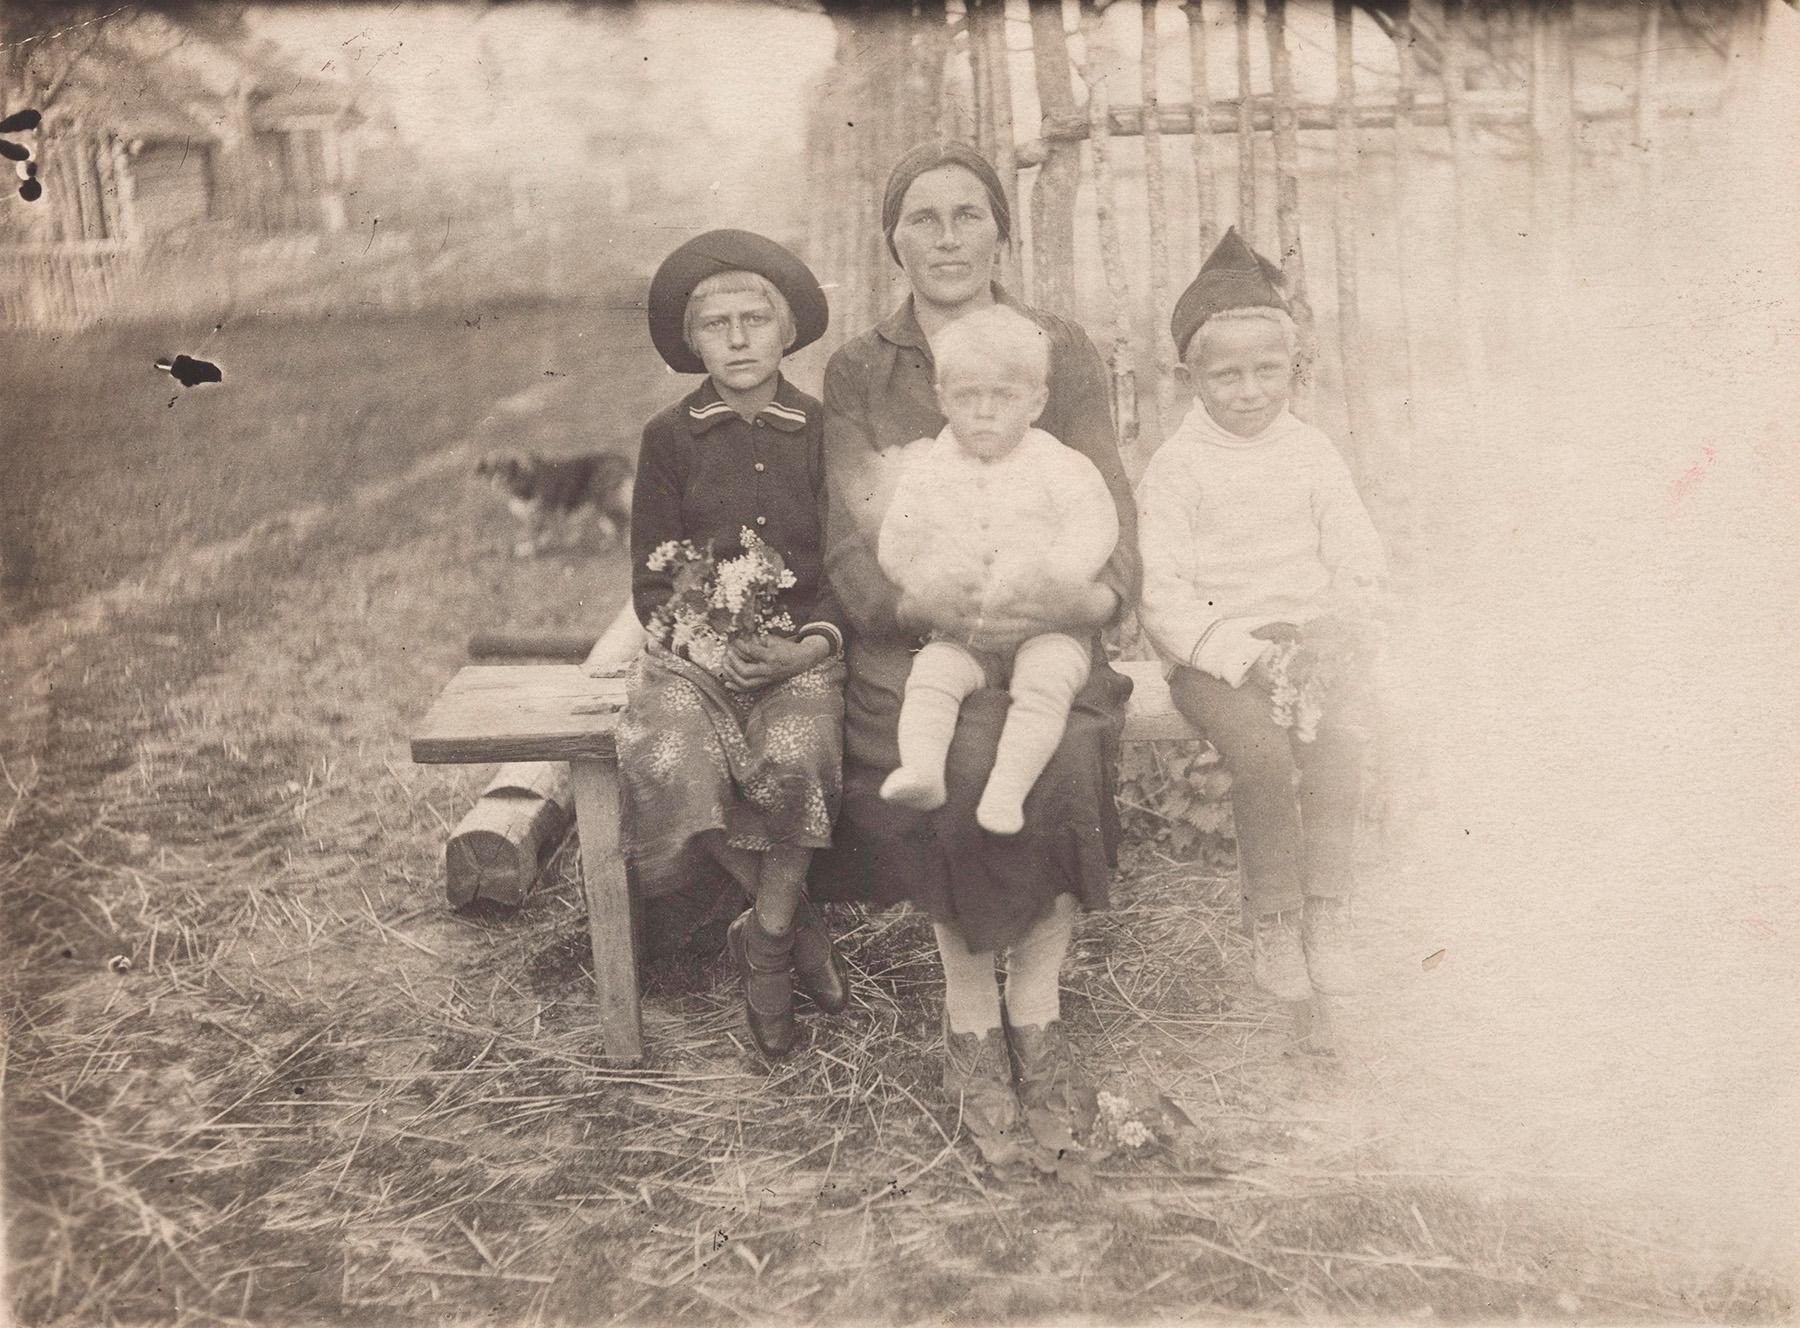 Katri-äiti lapsineen, kuvattu oletettavasti Suomessa toisen maailmansodan aikaan. Valentina istuu kuvassa äitinsä sylissä. SKS KIA, Valentina Siiben arkisto. CC BY 4.0